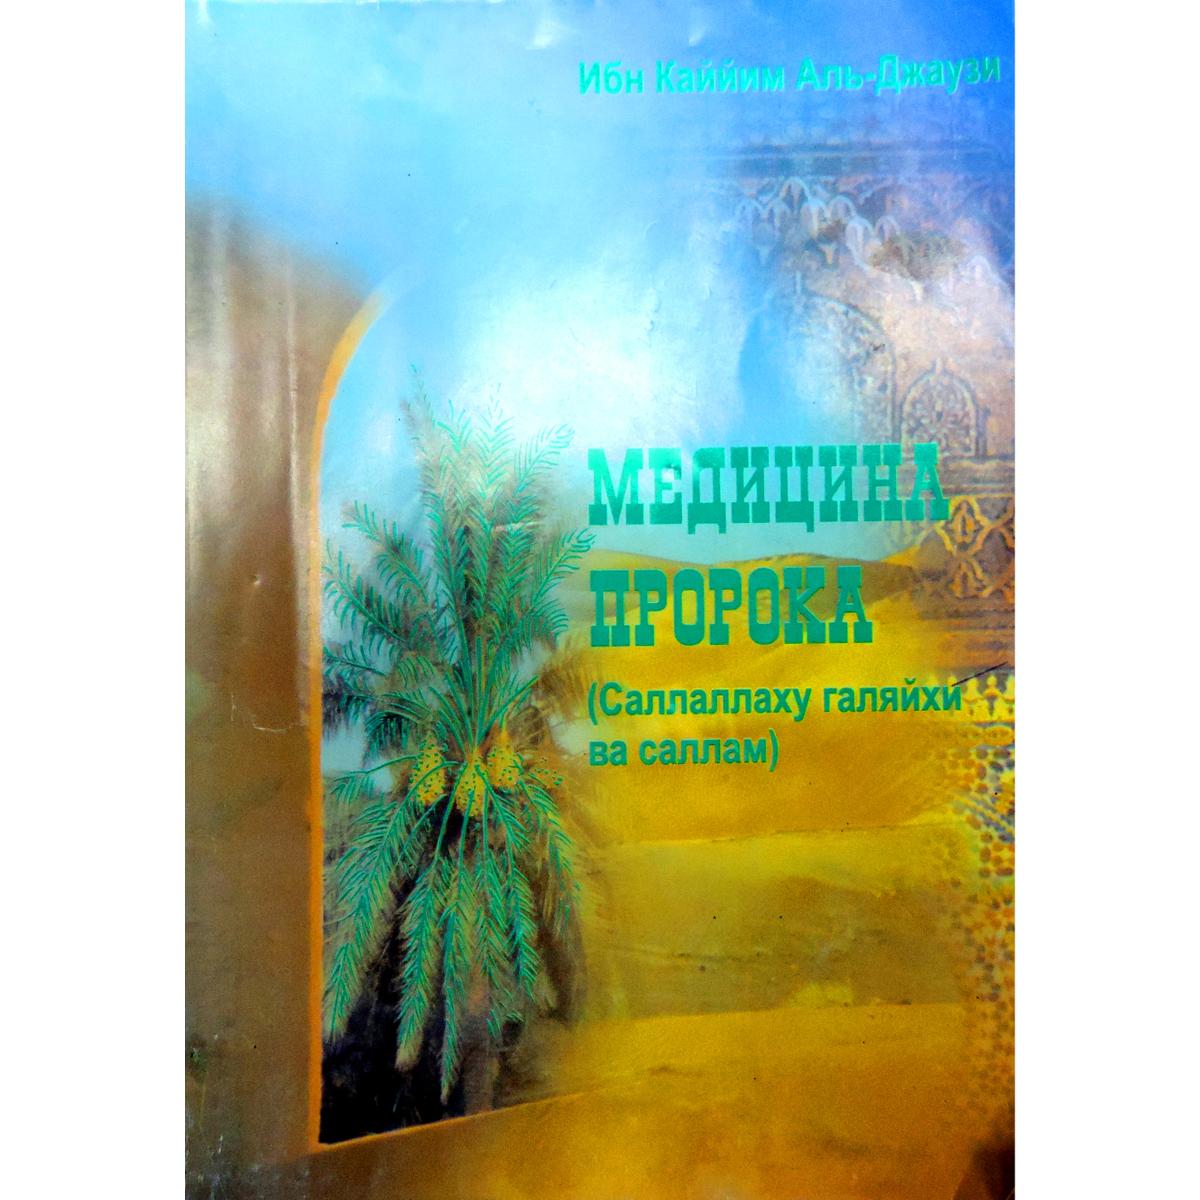 Книга Медицина Пророка(ﷺ) фото